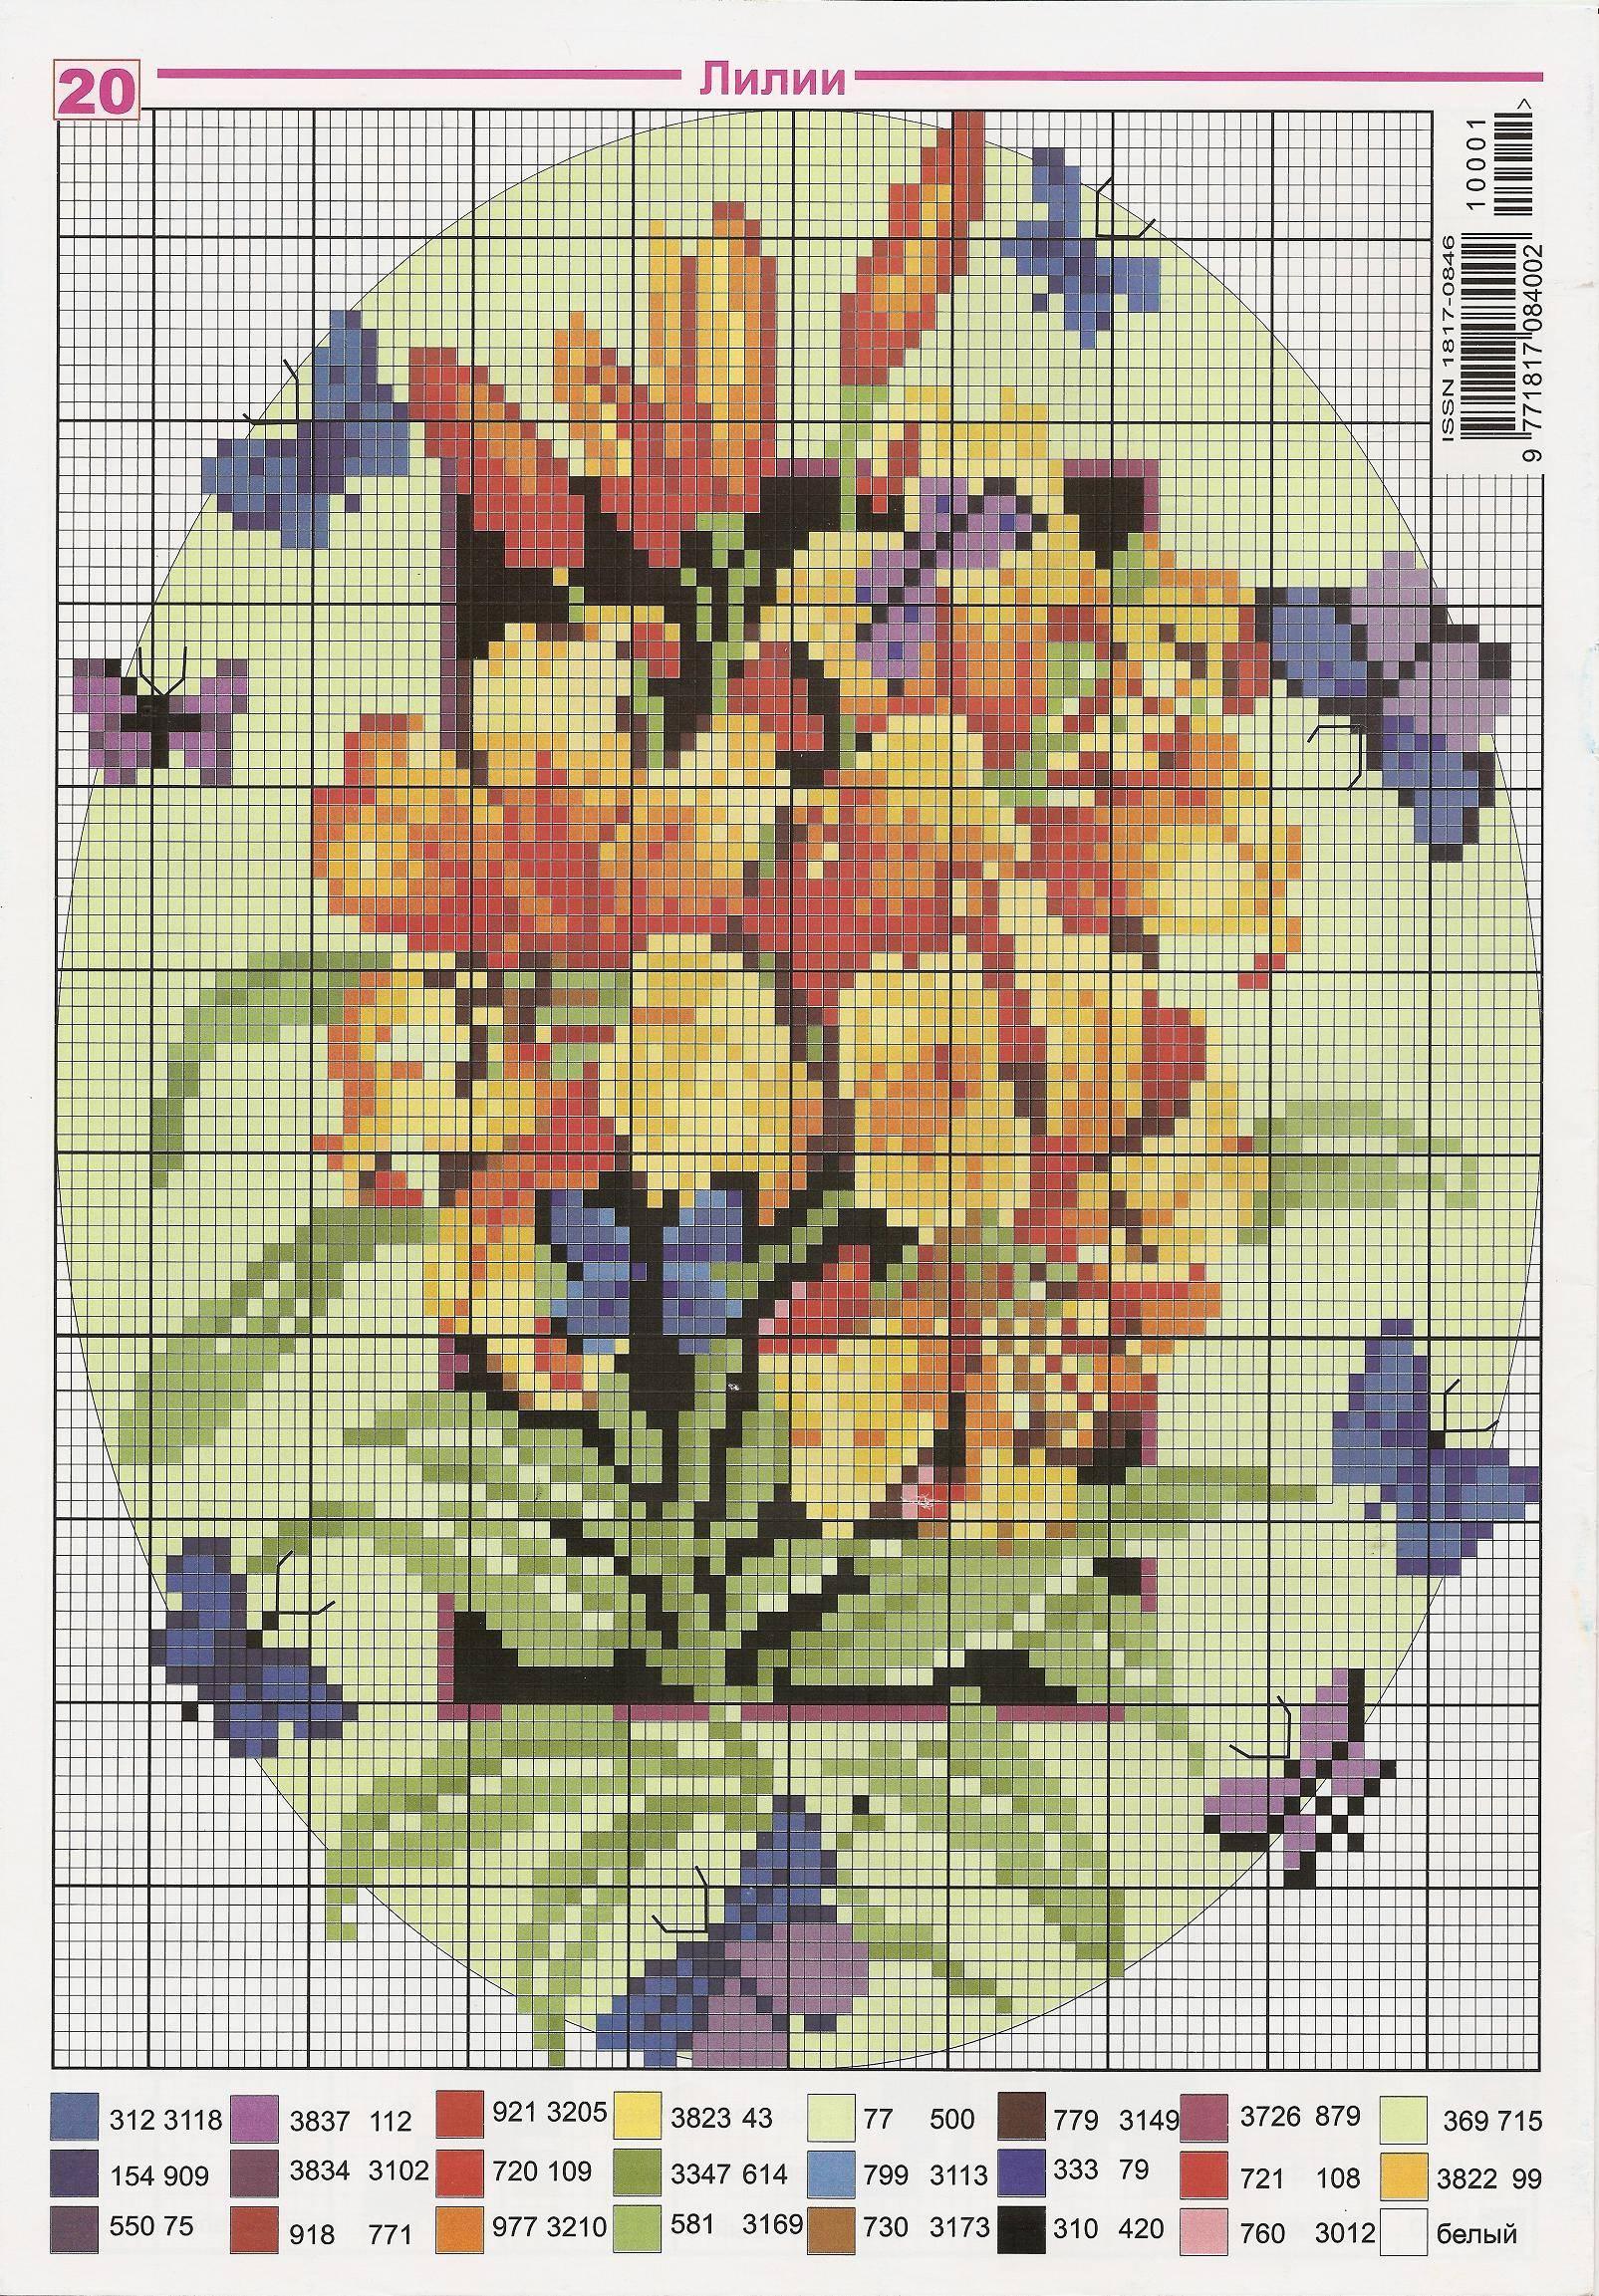 Цветы часть 1. Схема для вышивки крестом.  Цветы часть 2. Схемы и работы вышитые крестиком.